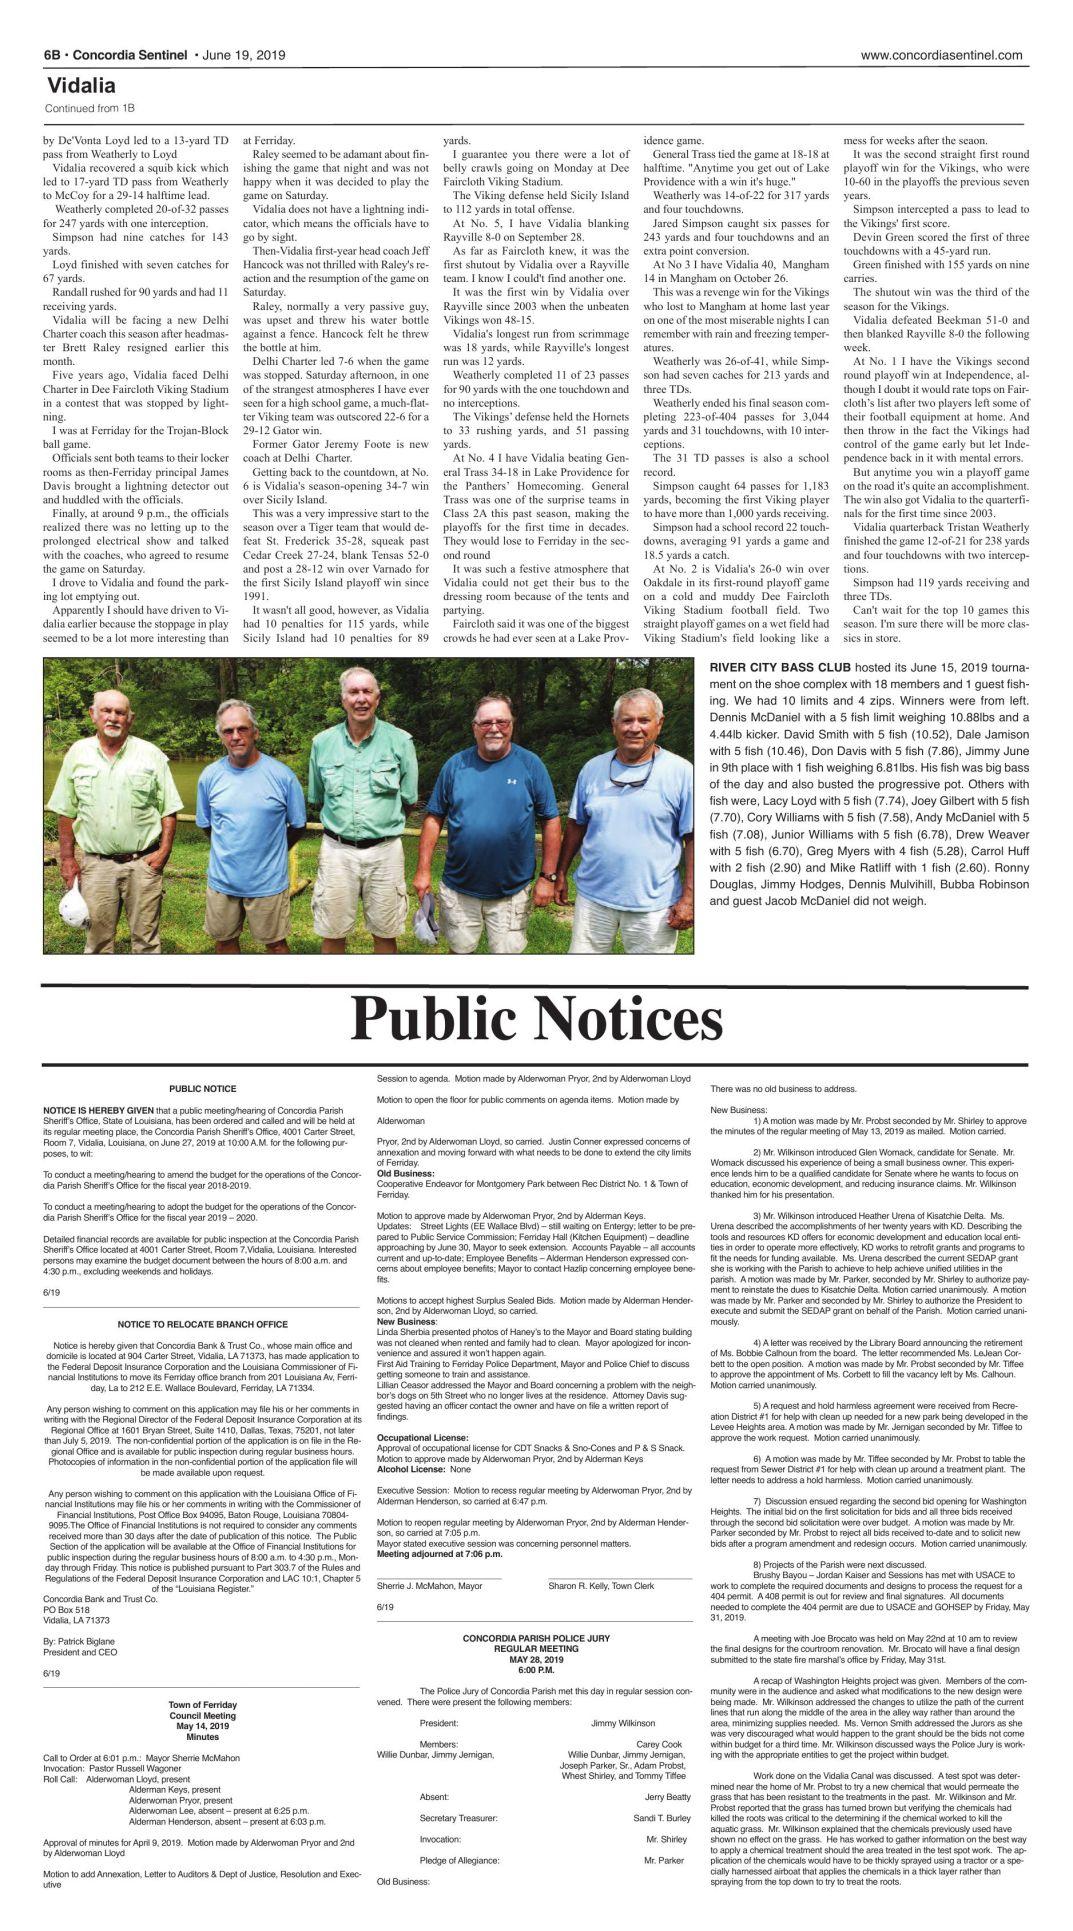 Public Notices - June 19, 2019